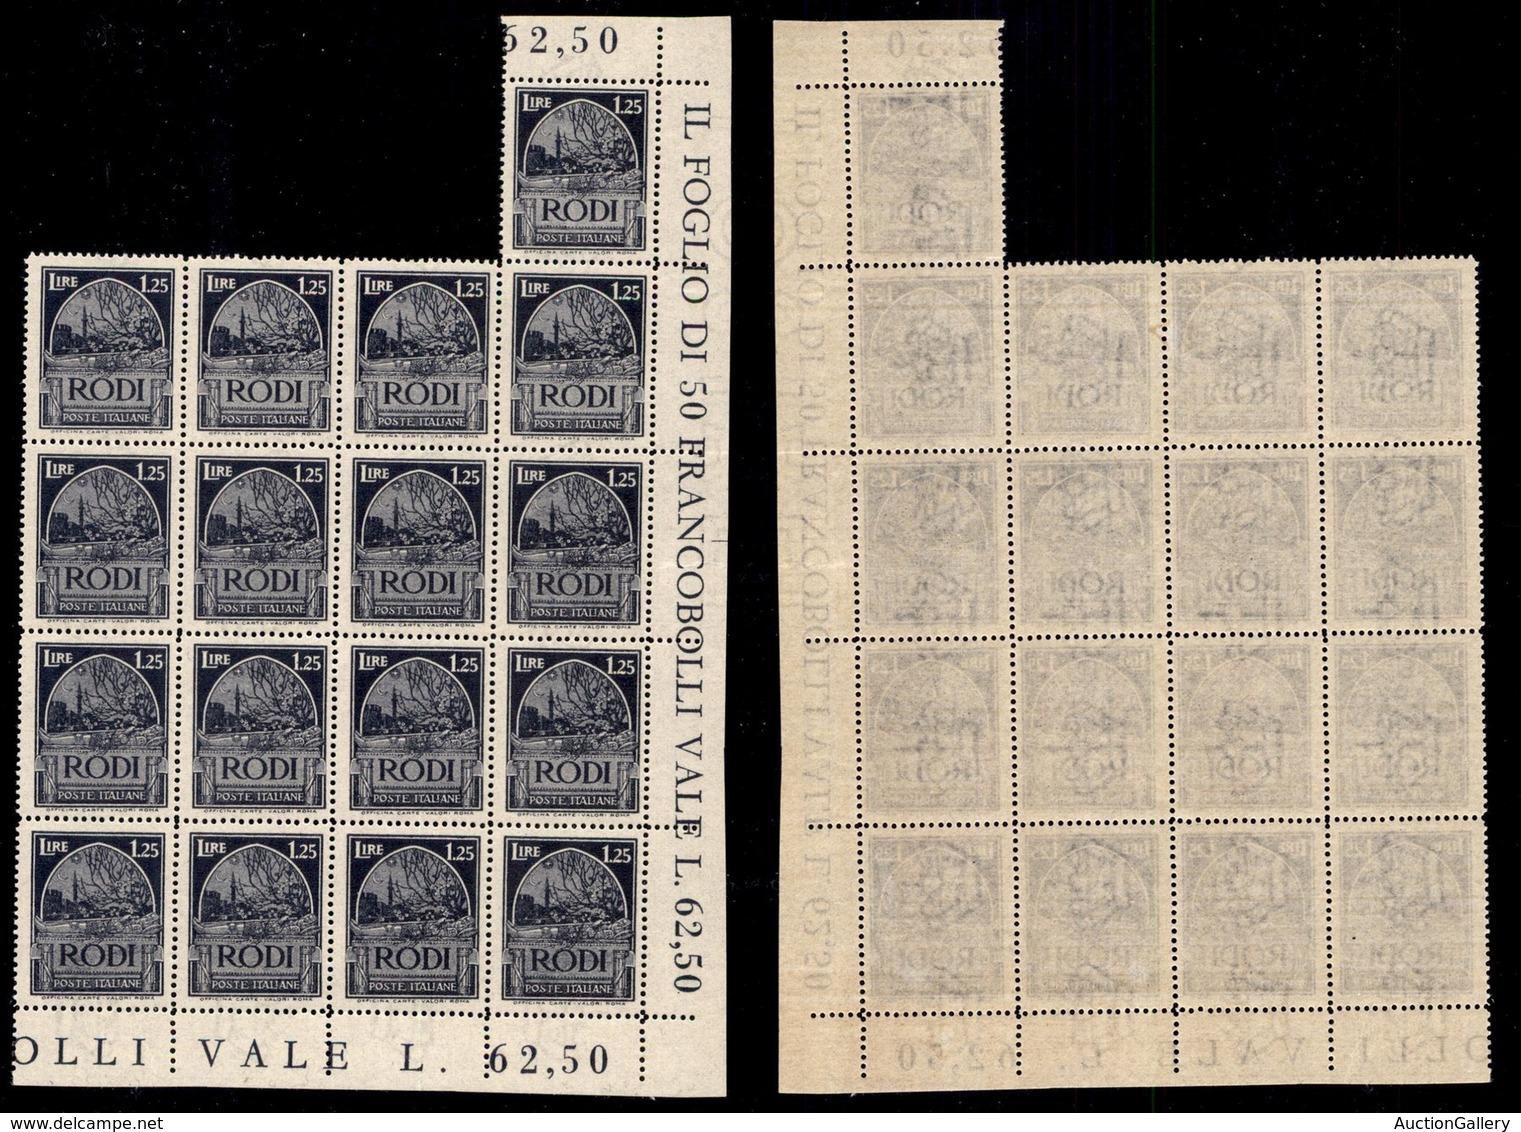 COLONIE - Egeo - 1932 - 1,25 Lire Pittorica (62) - Blocco Angolare Di 17 - Gomma Integra - Stamps